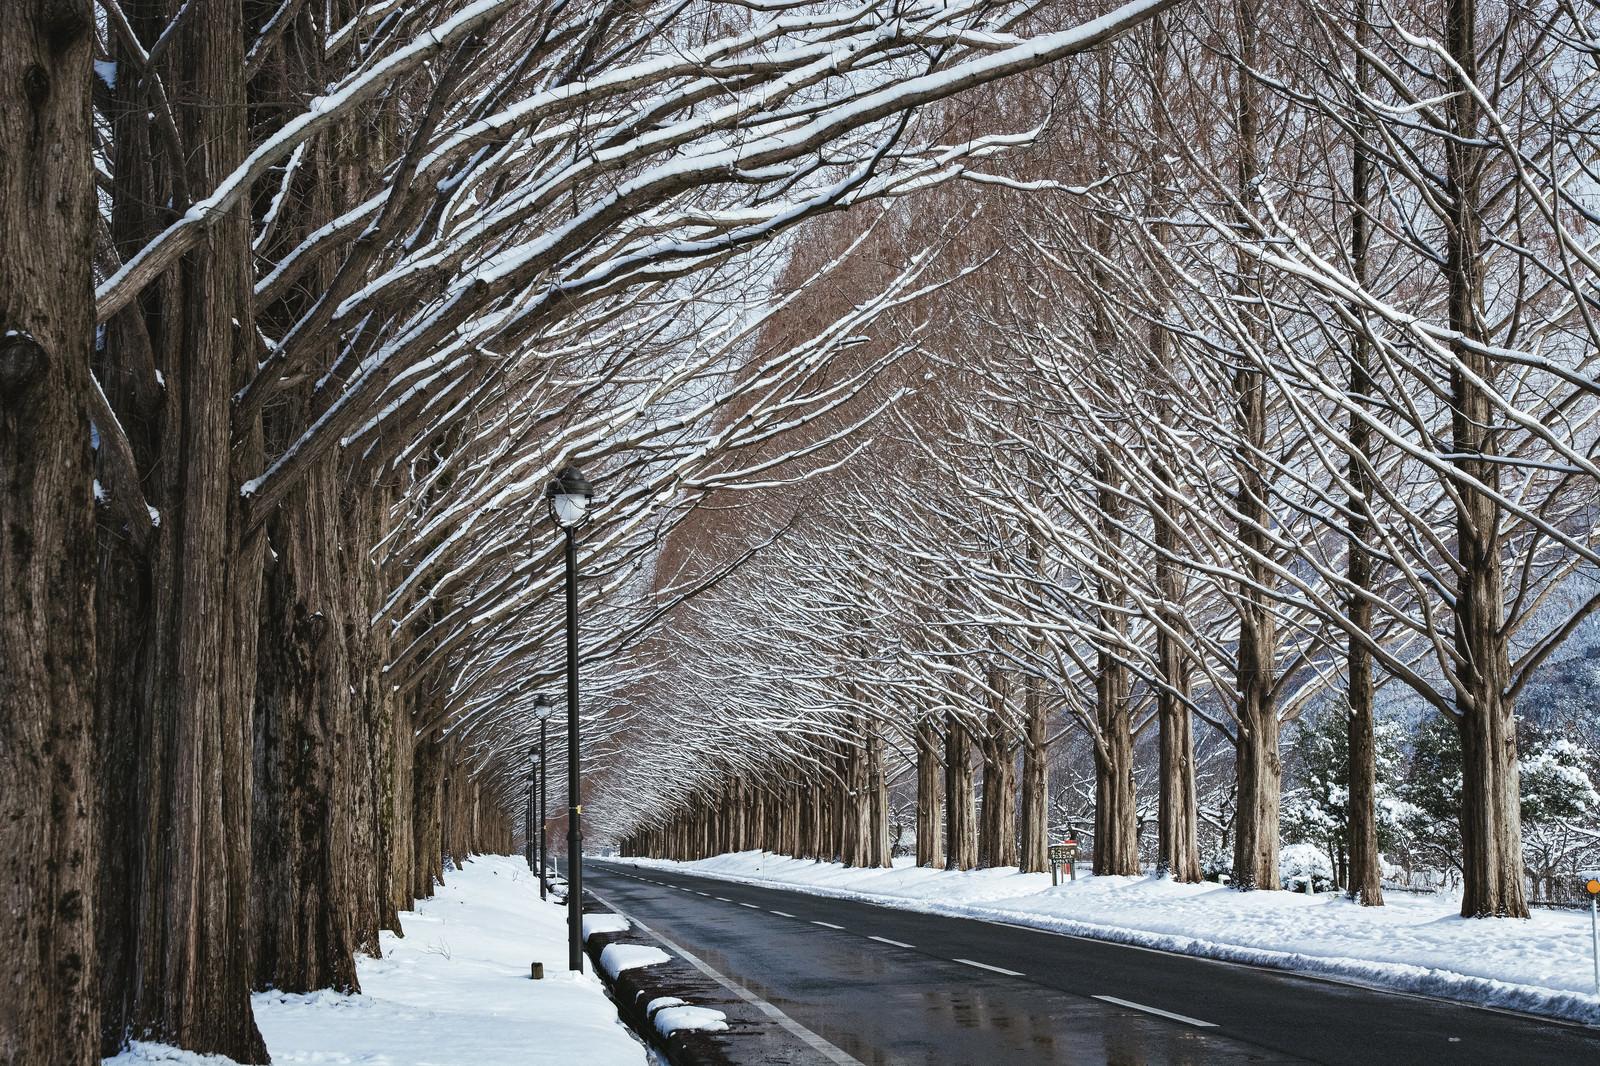 「メタセコイア並木に溶け込む街頭(滋賀県高島市マキノ町)」の写真